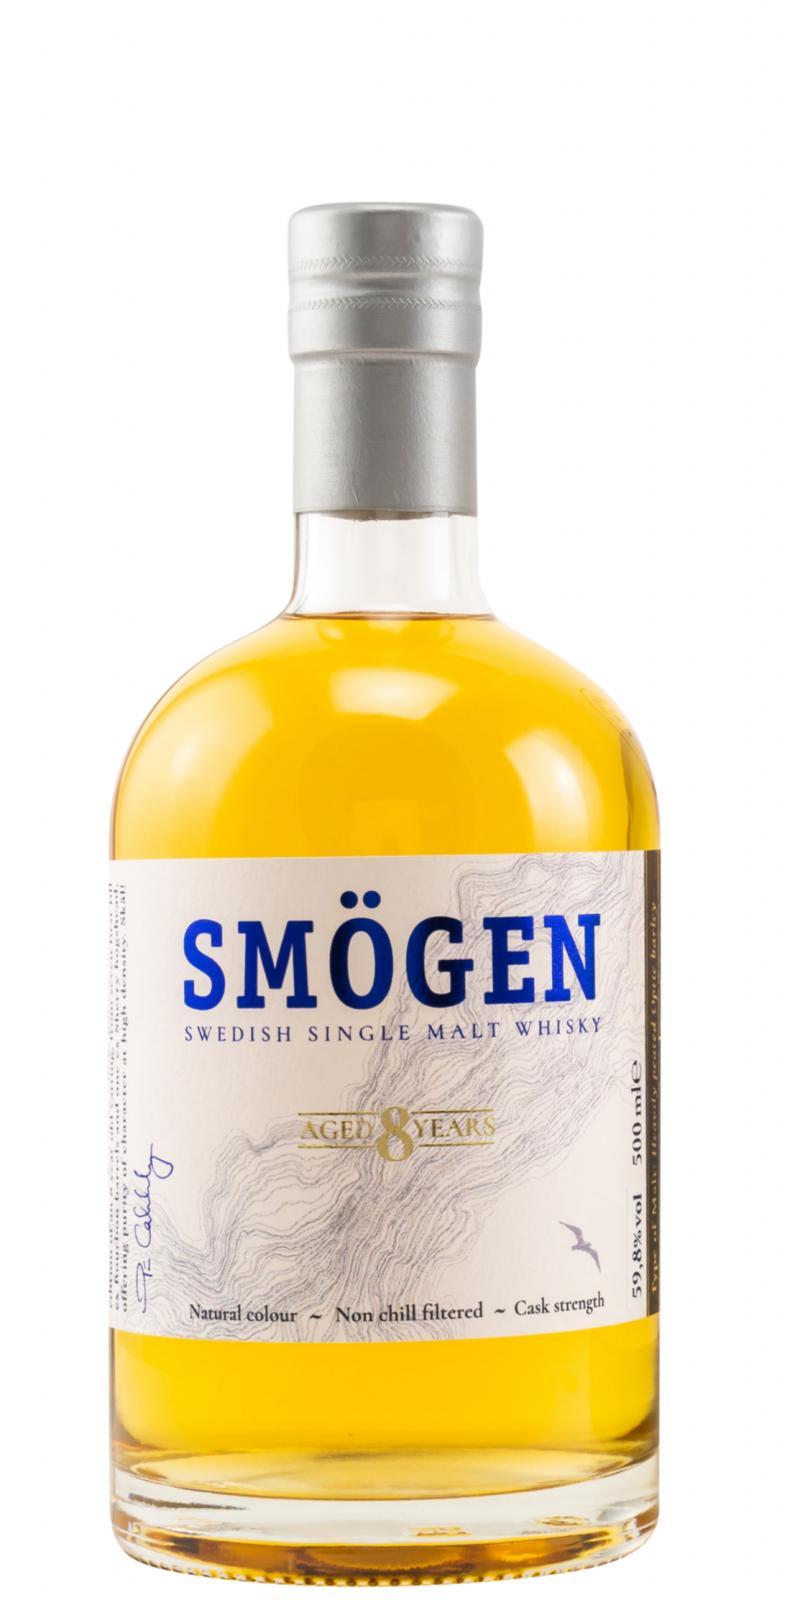 Smögen 08-year-old